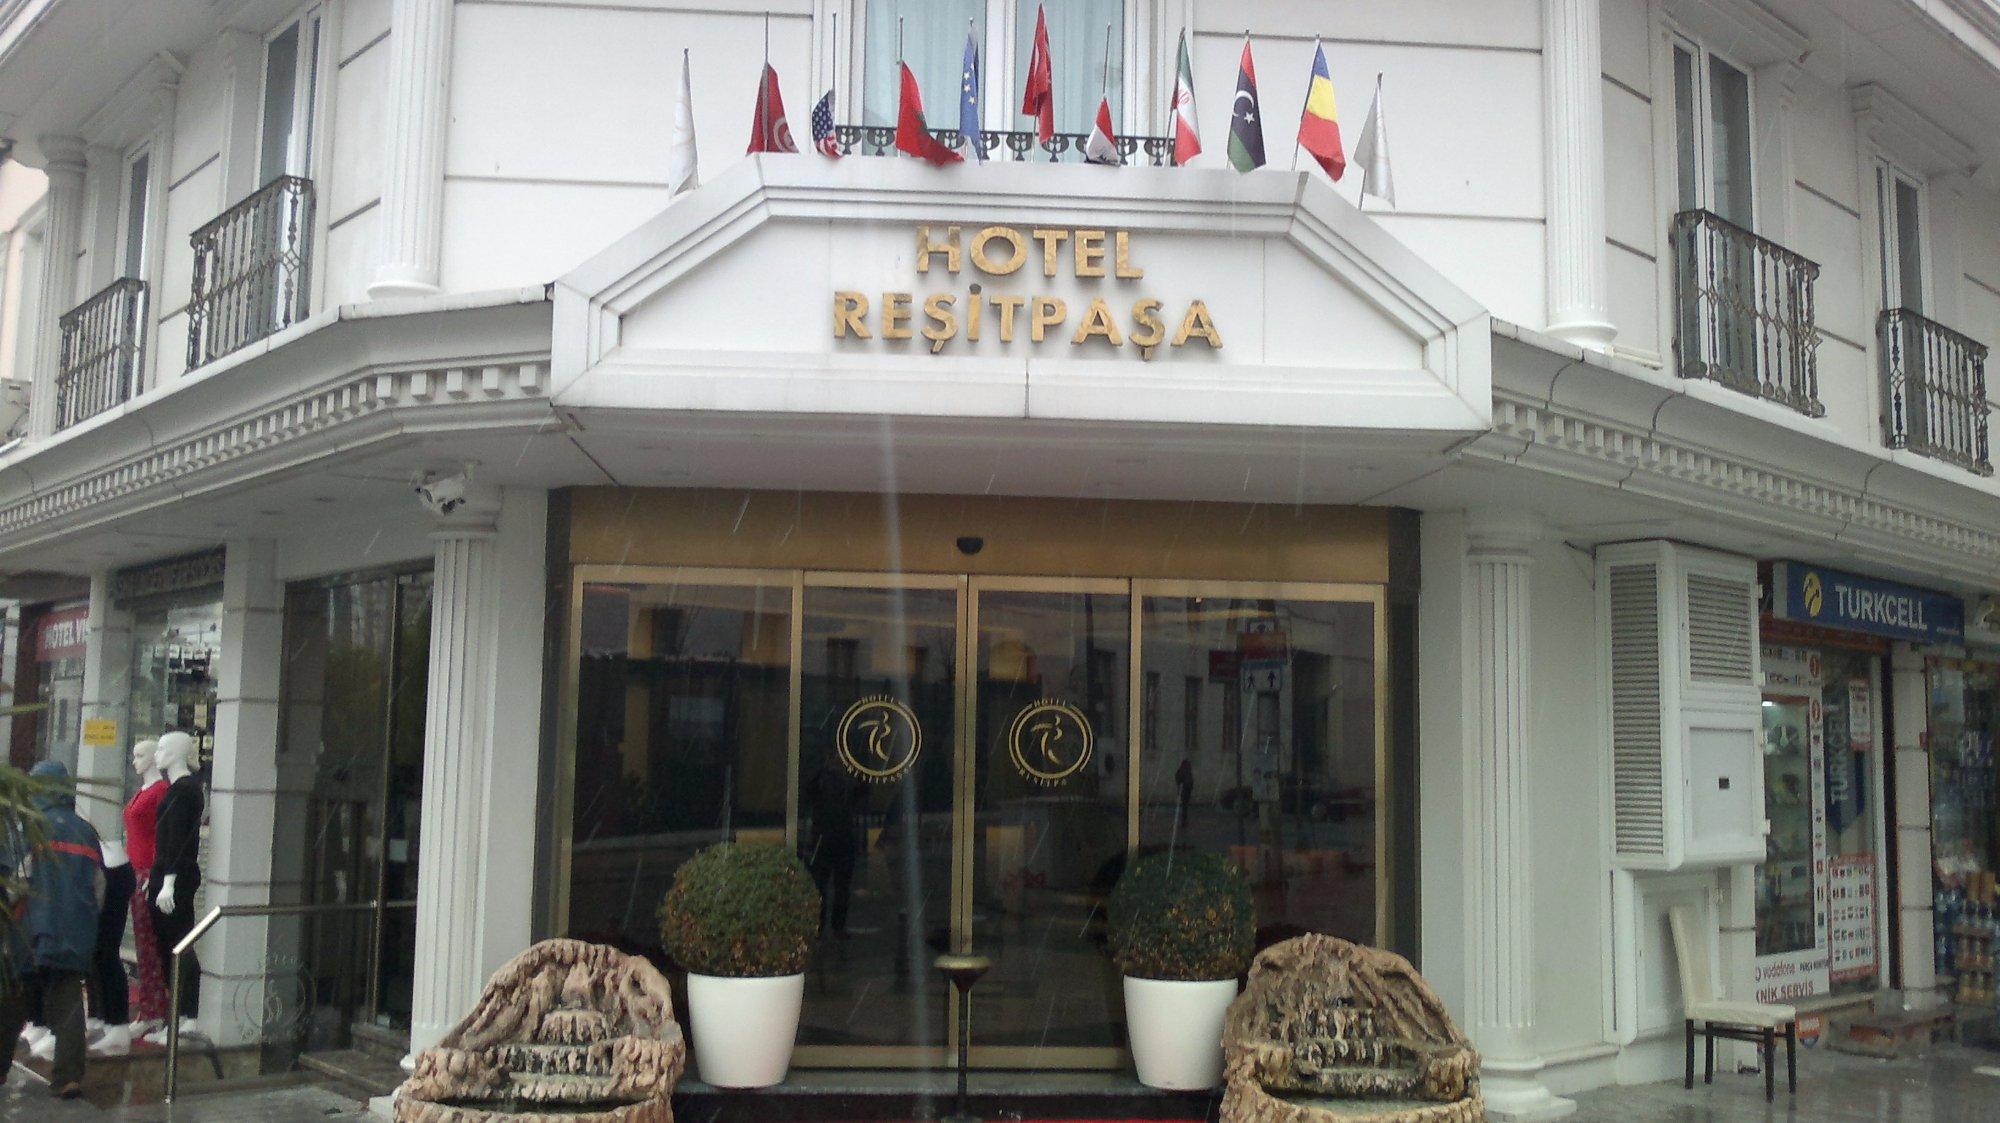 Hotel Resit Pasa